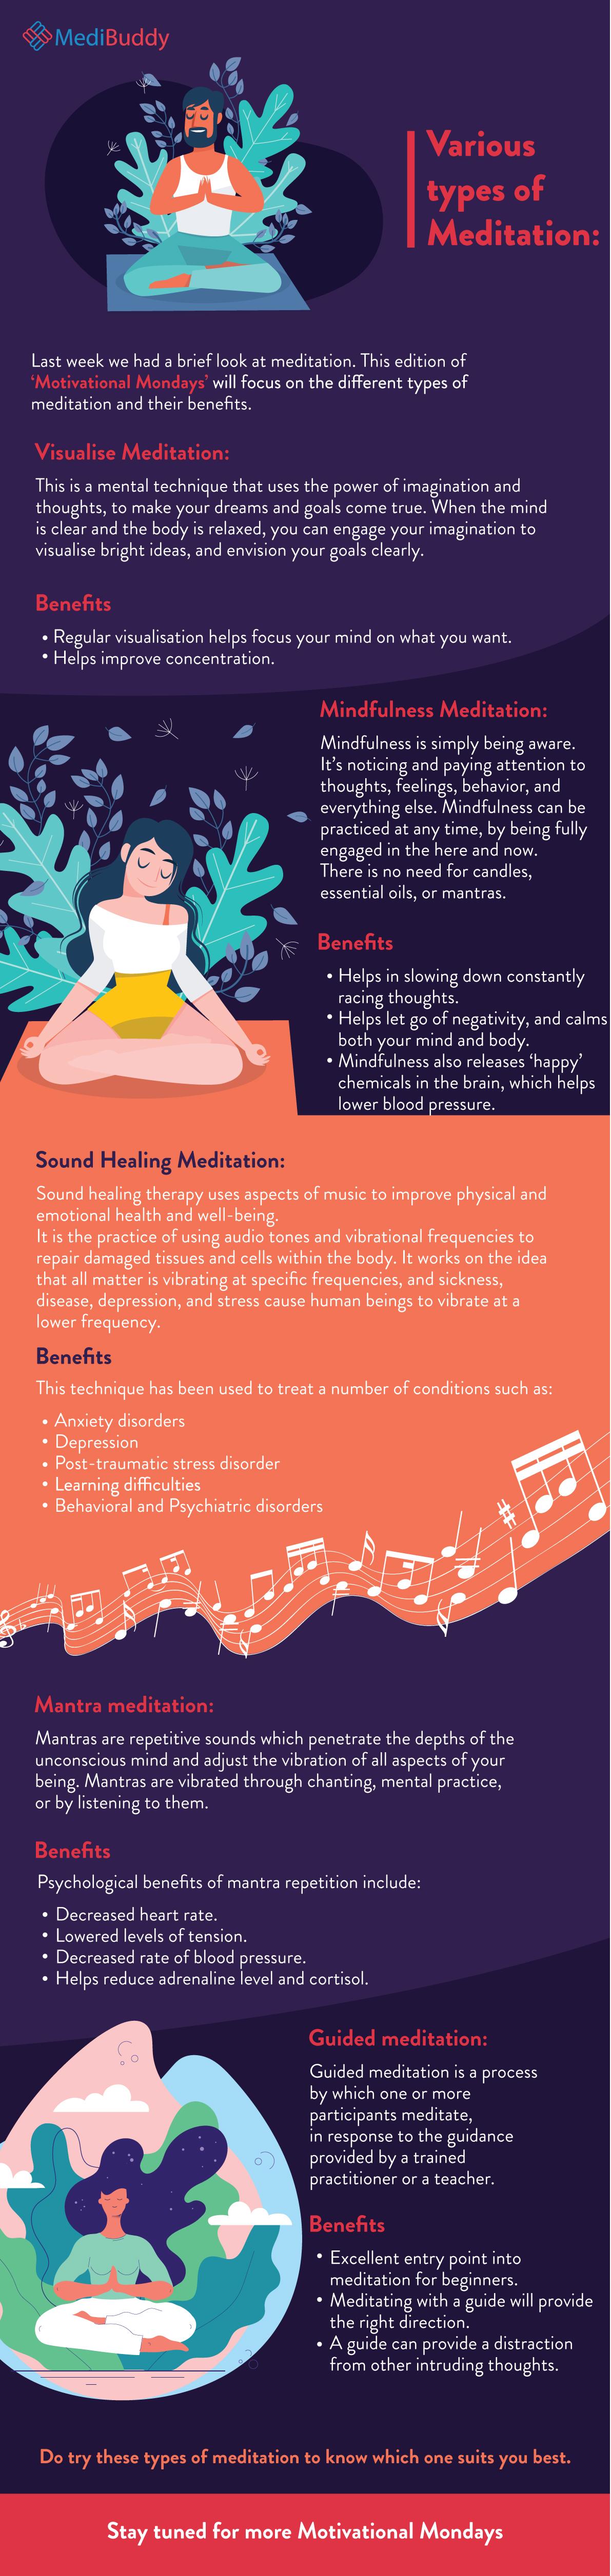 Types of Meditation!